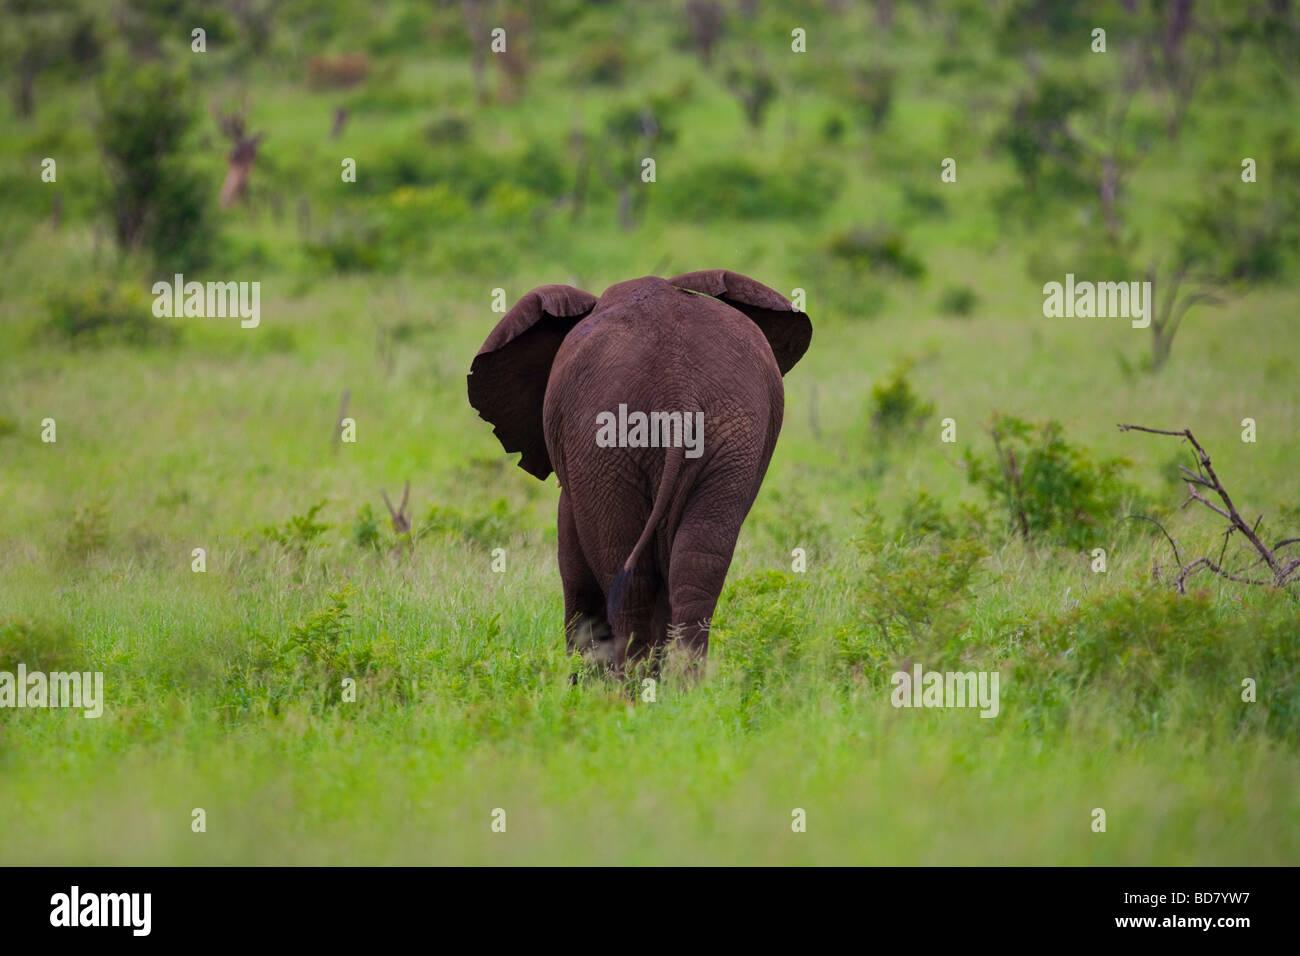 Éléphant d'Afrique Loxodonta africana de l'Afrique du Sud, Kruger NP Photo Stock